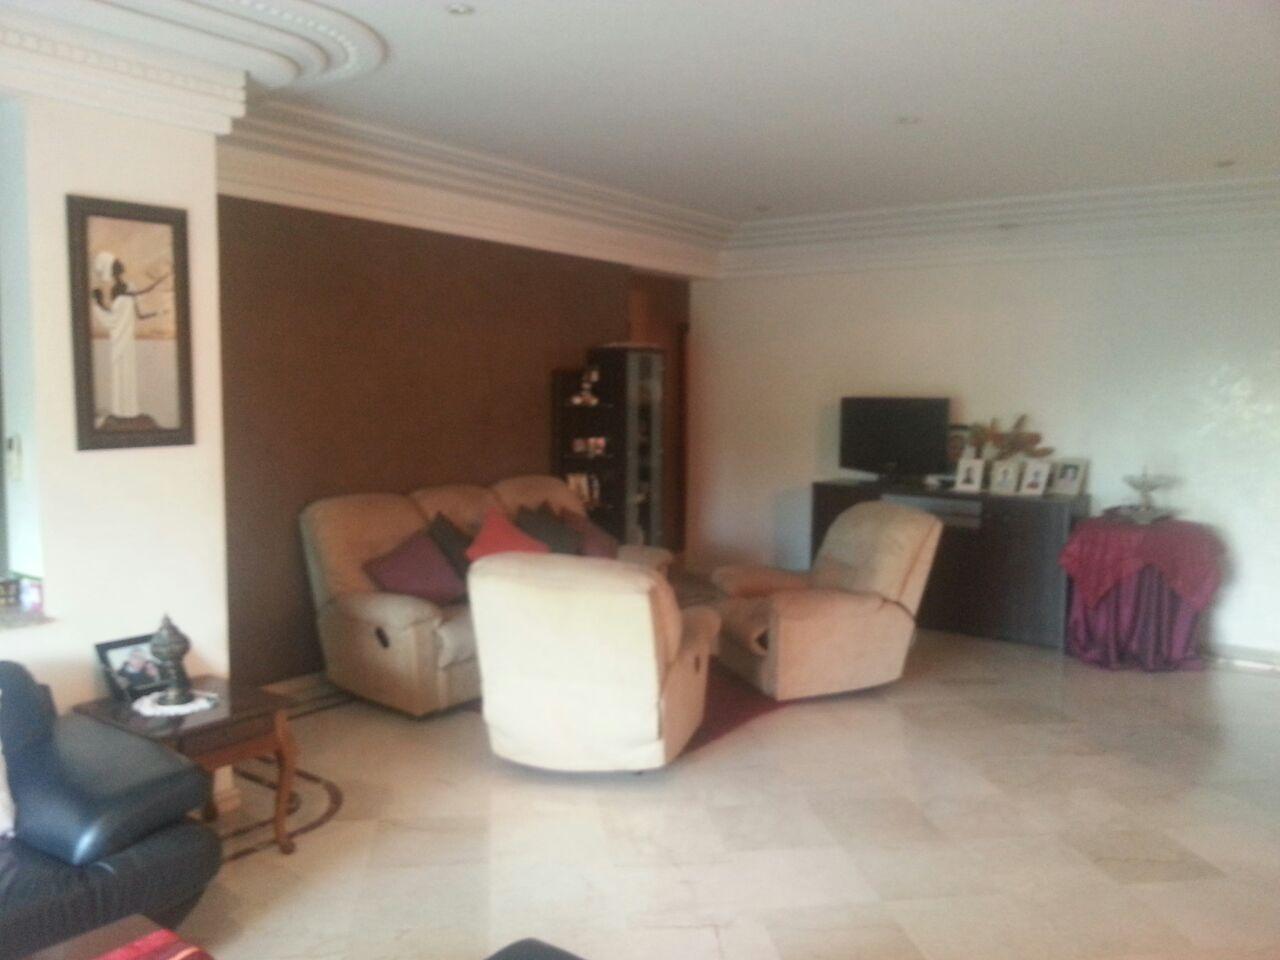 Appartement à vendre de 192 m² habitable